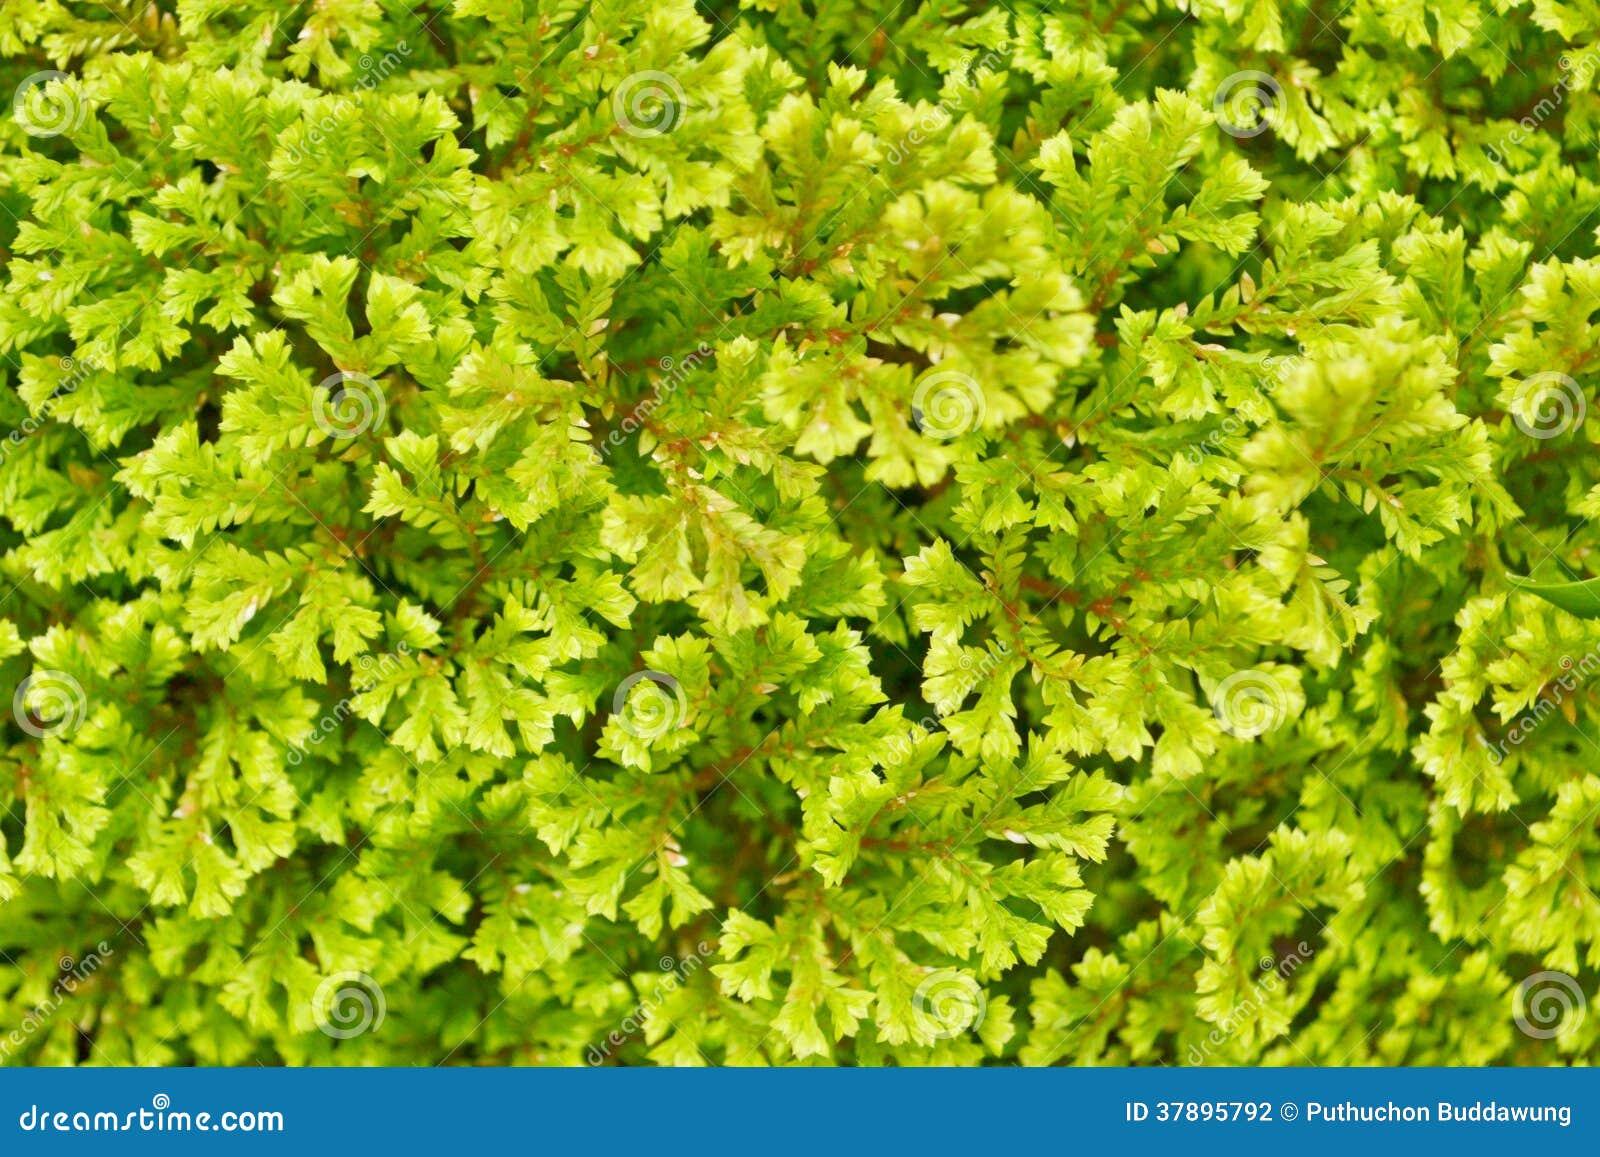 Varenbladeren (Varenachtigen)